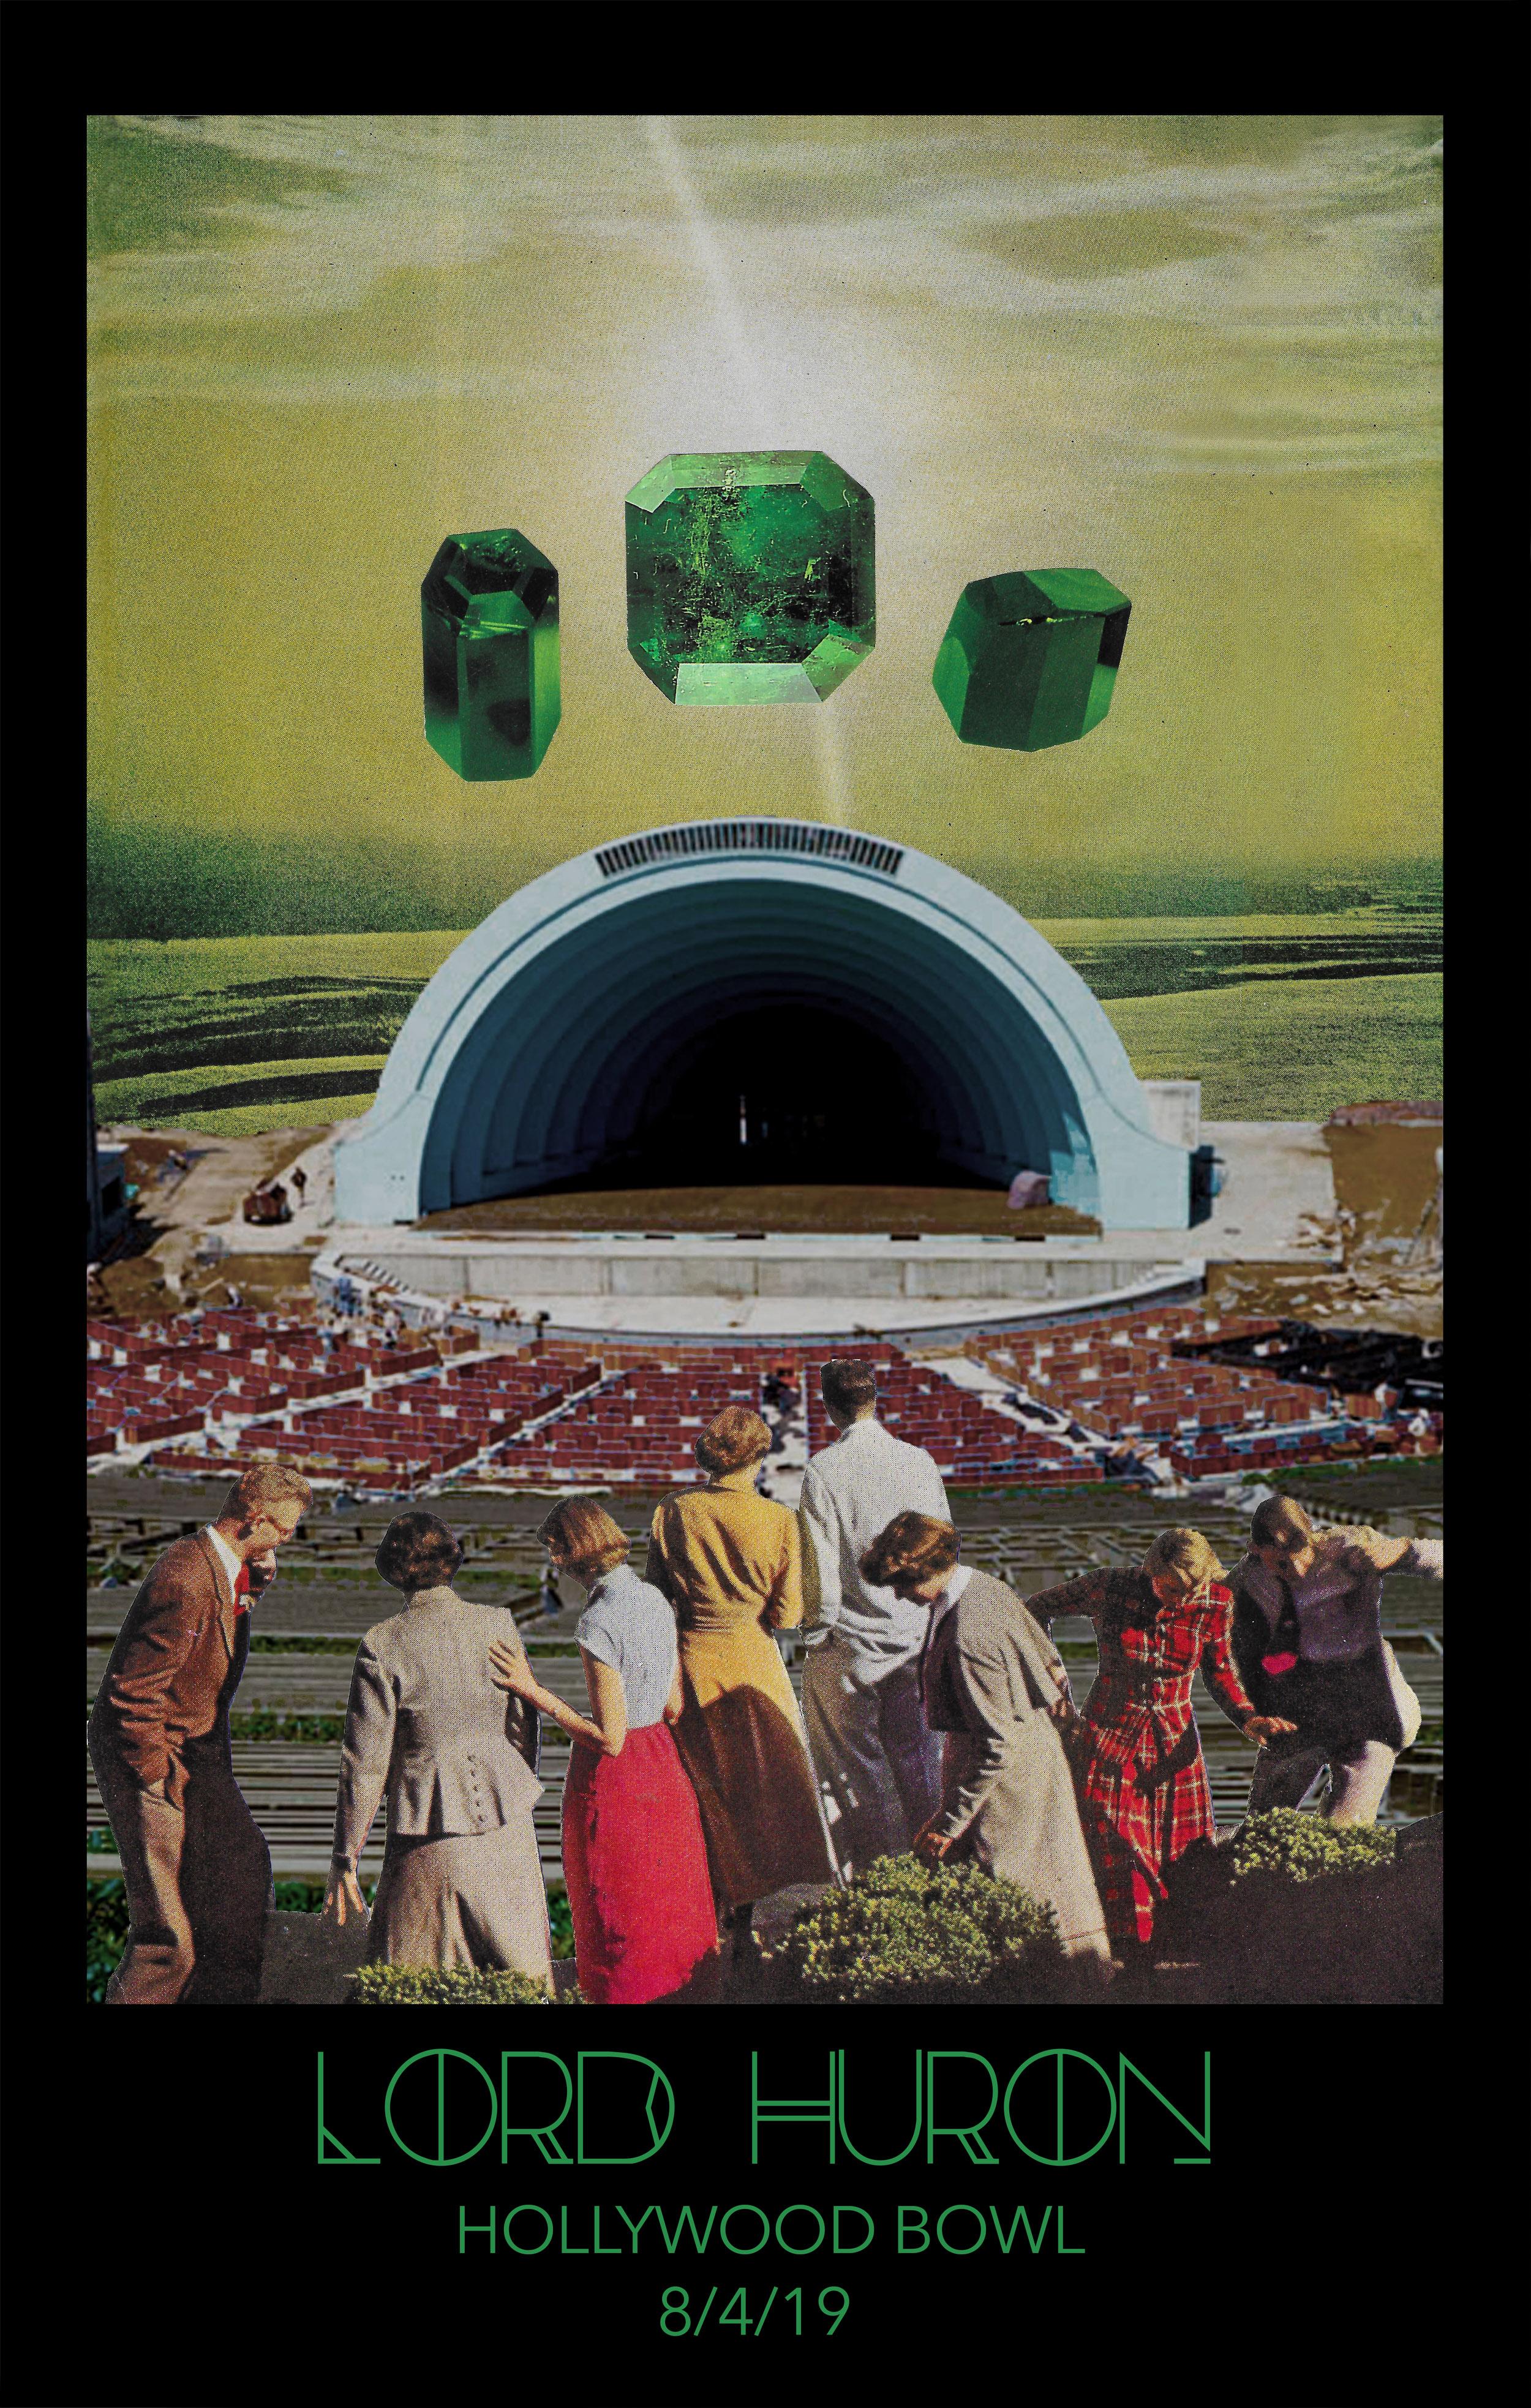 Lord Huron @ Hollywood Bowl 8/4/19